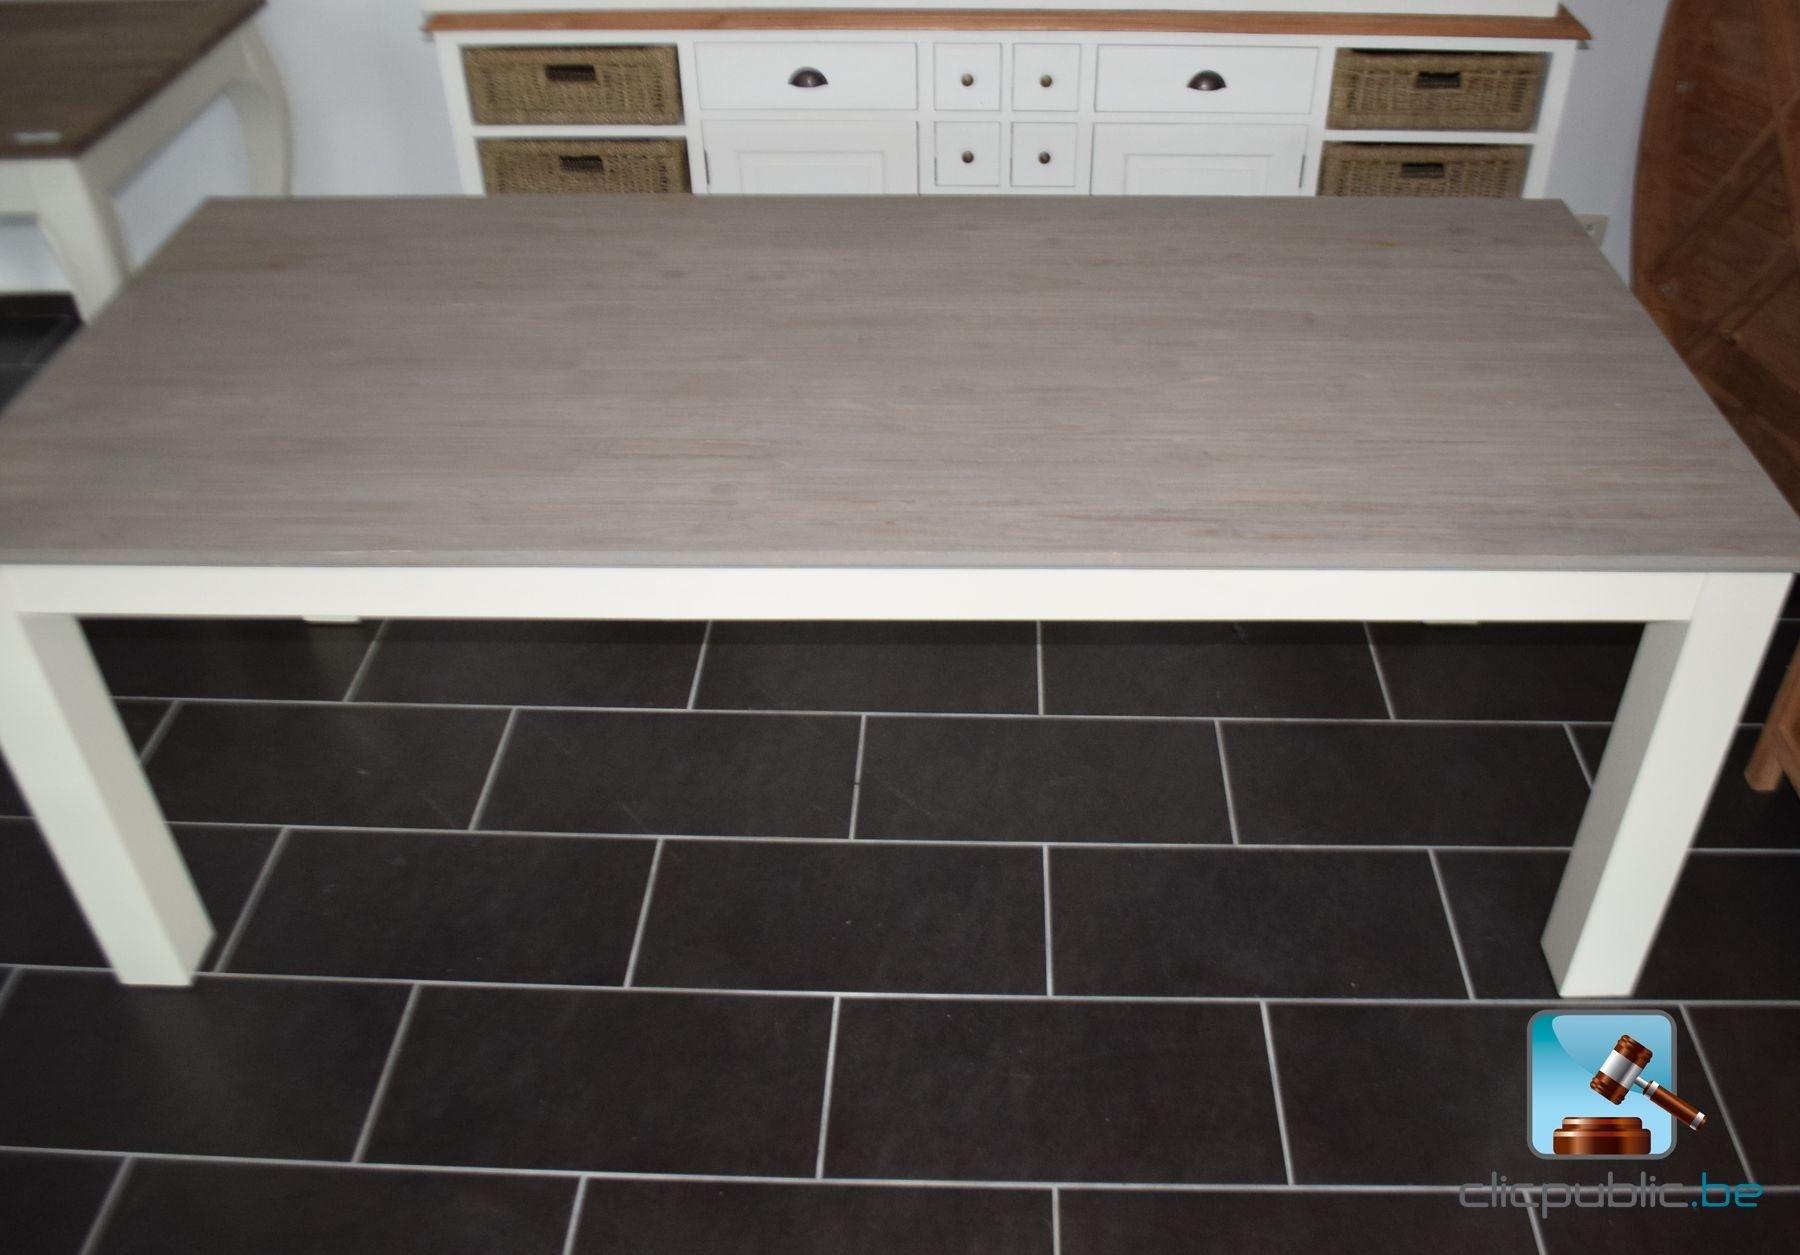 Table En Bois Rectangulaire - Table rectangulaire en bois peint lasuré gris (ref 11) for sale on clicpublic be